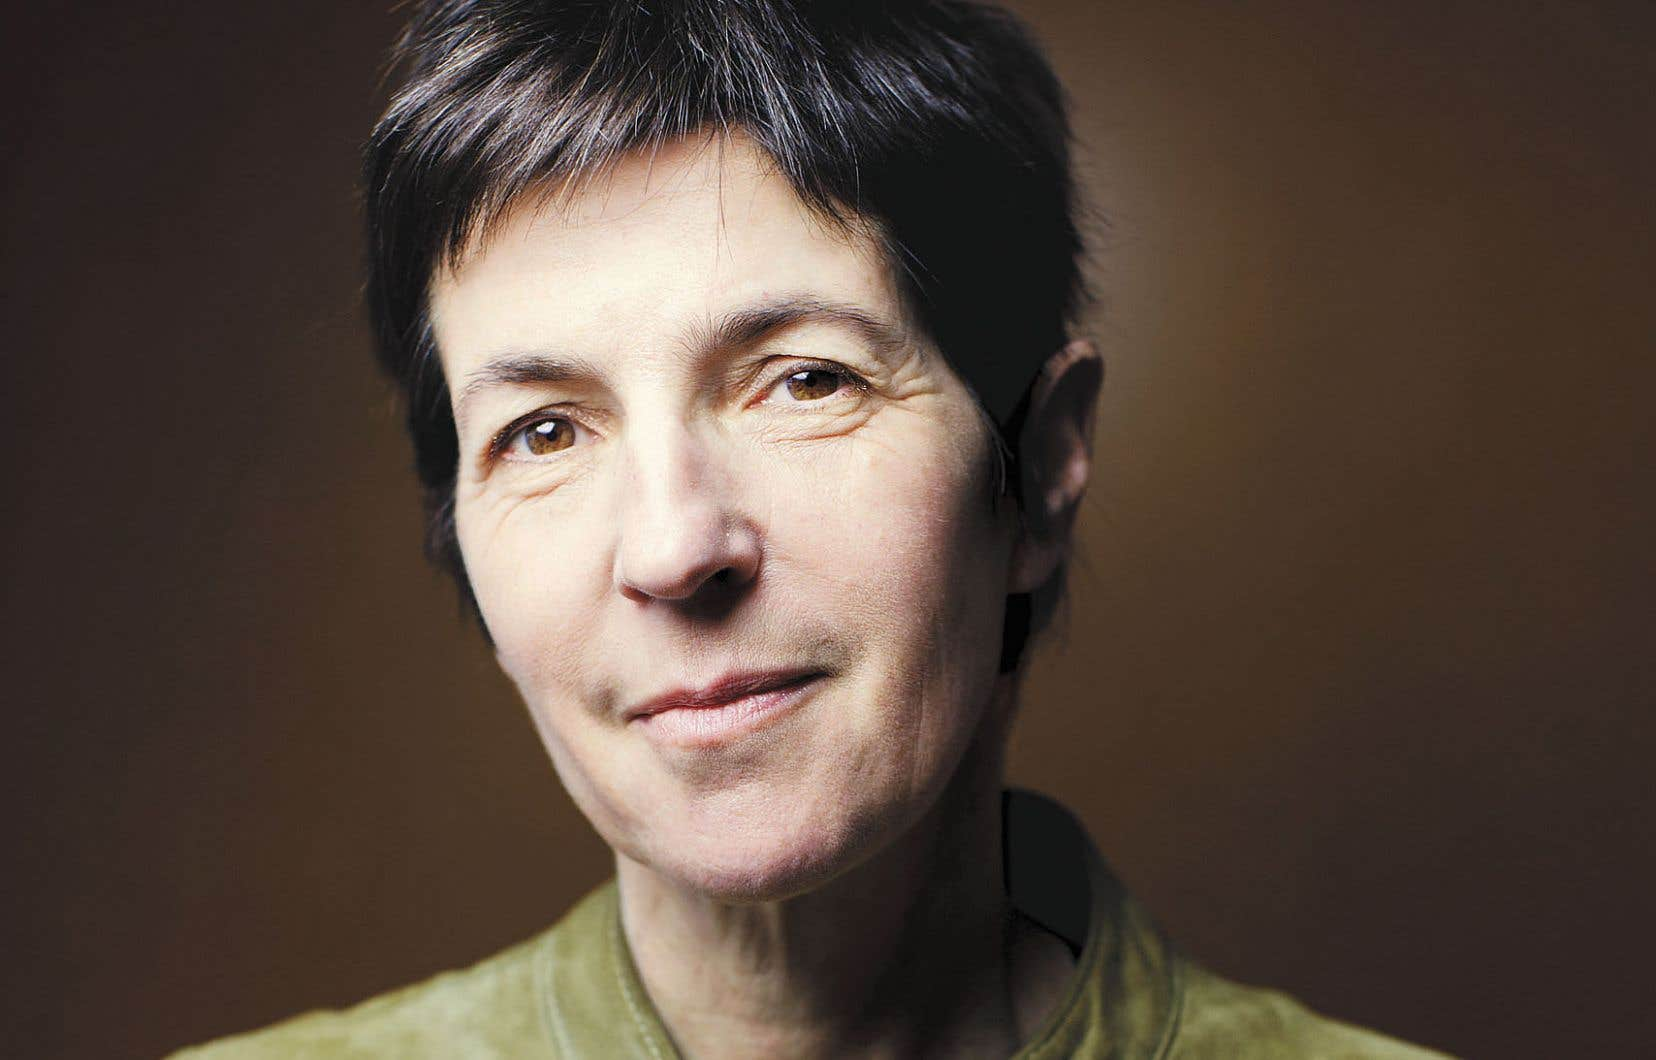 L'auteure Christine Angot tangue ici avec une certaine maladresse entre le banal et l'universel, plus attentive aux mouvements de la vie domestique qu'aux variations du coeur.